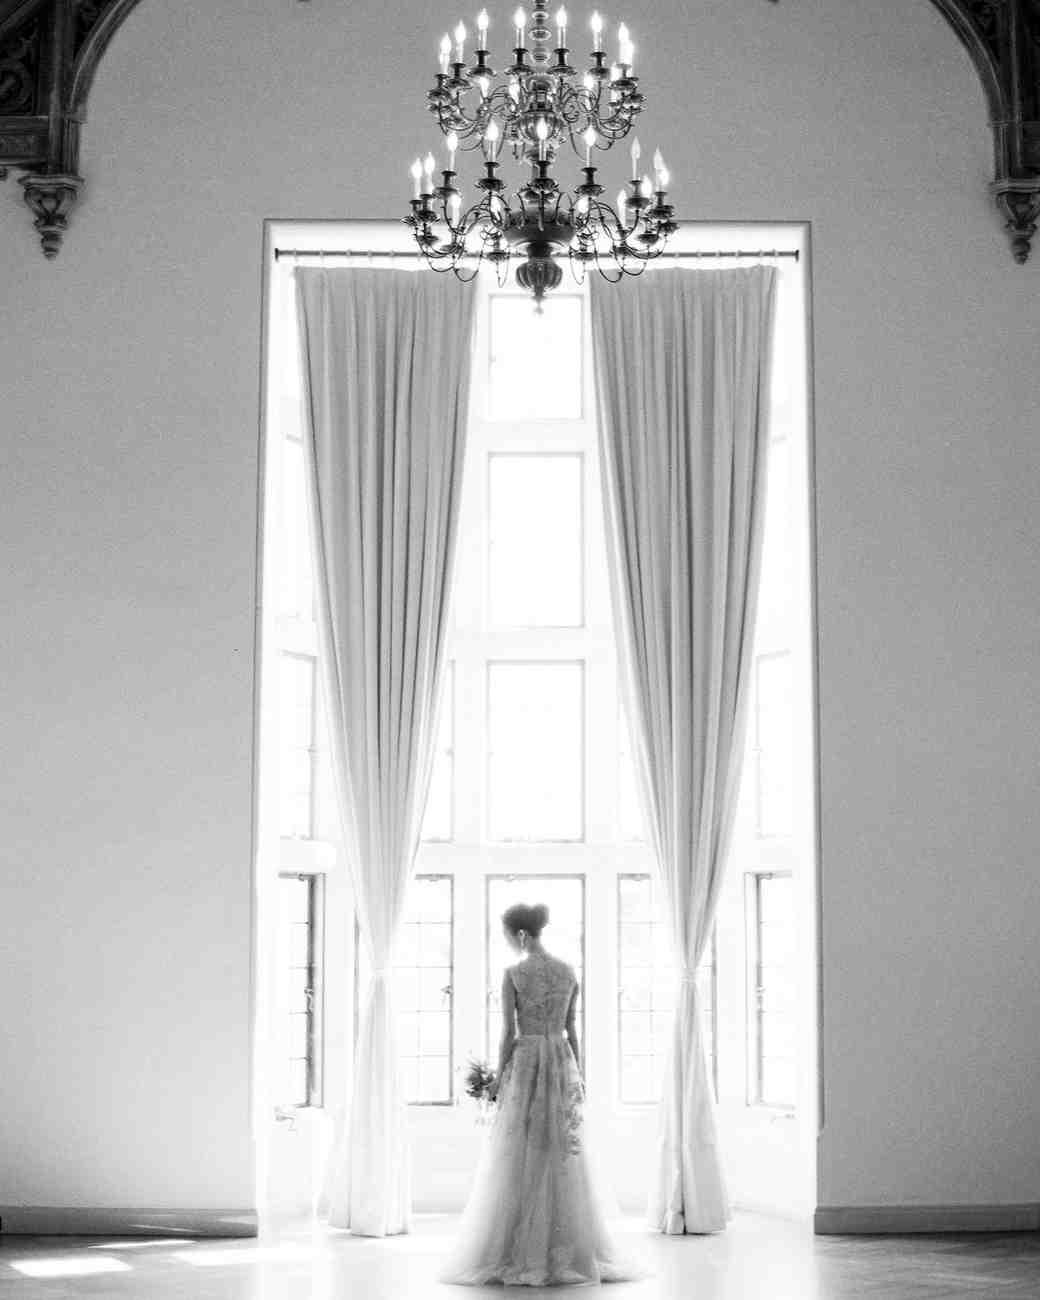 filming-locations-wedding-venues-greystone-mansion-lebowski-0215.jpg